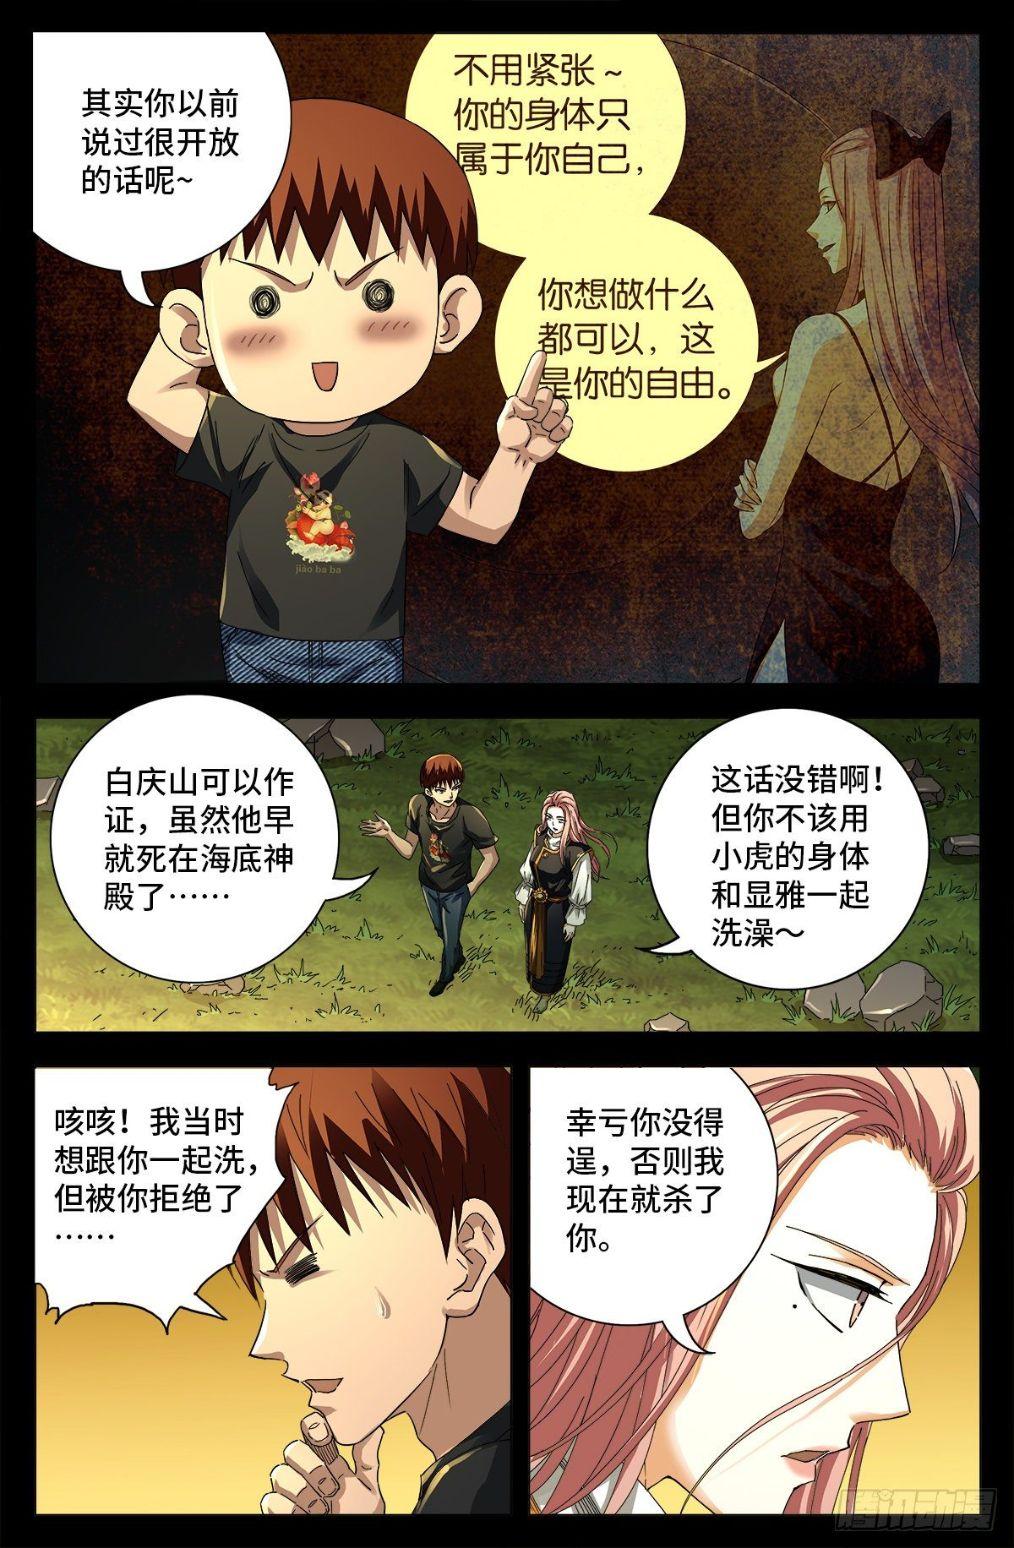 僵尸王漫画:戒魔人 第647话 八门金锁!开!